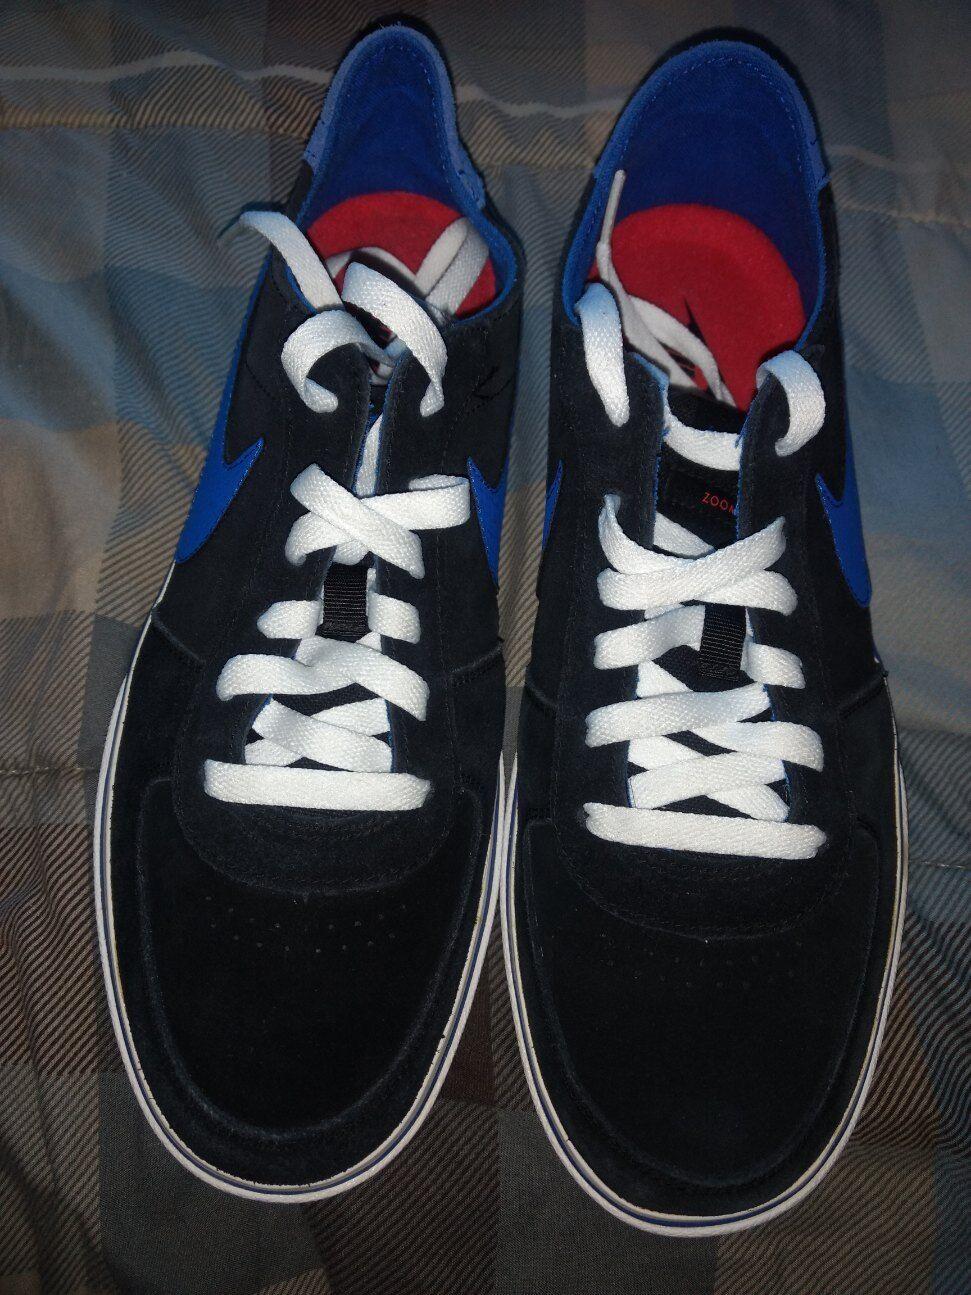 Nike zoom marvk uomo nero - blu 472617-041 scarpe da skateboard 10